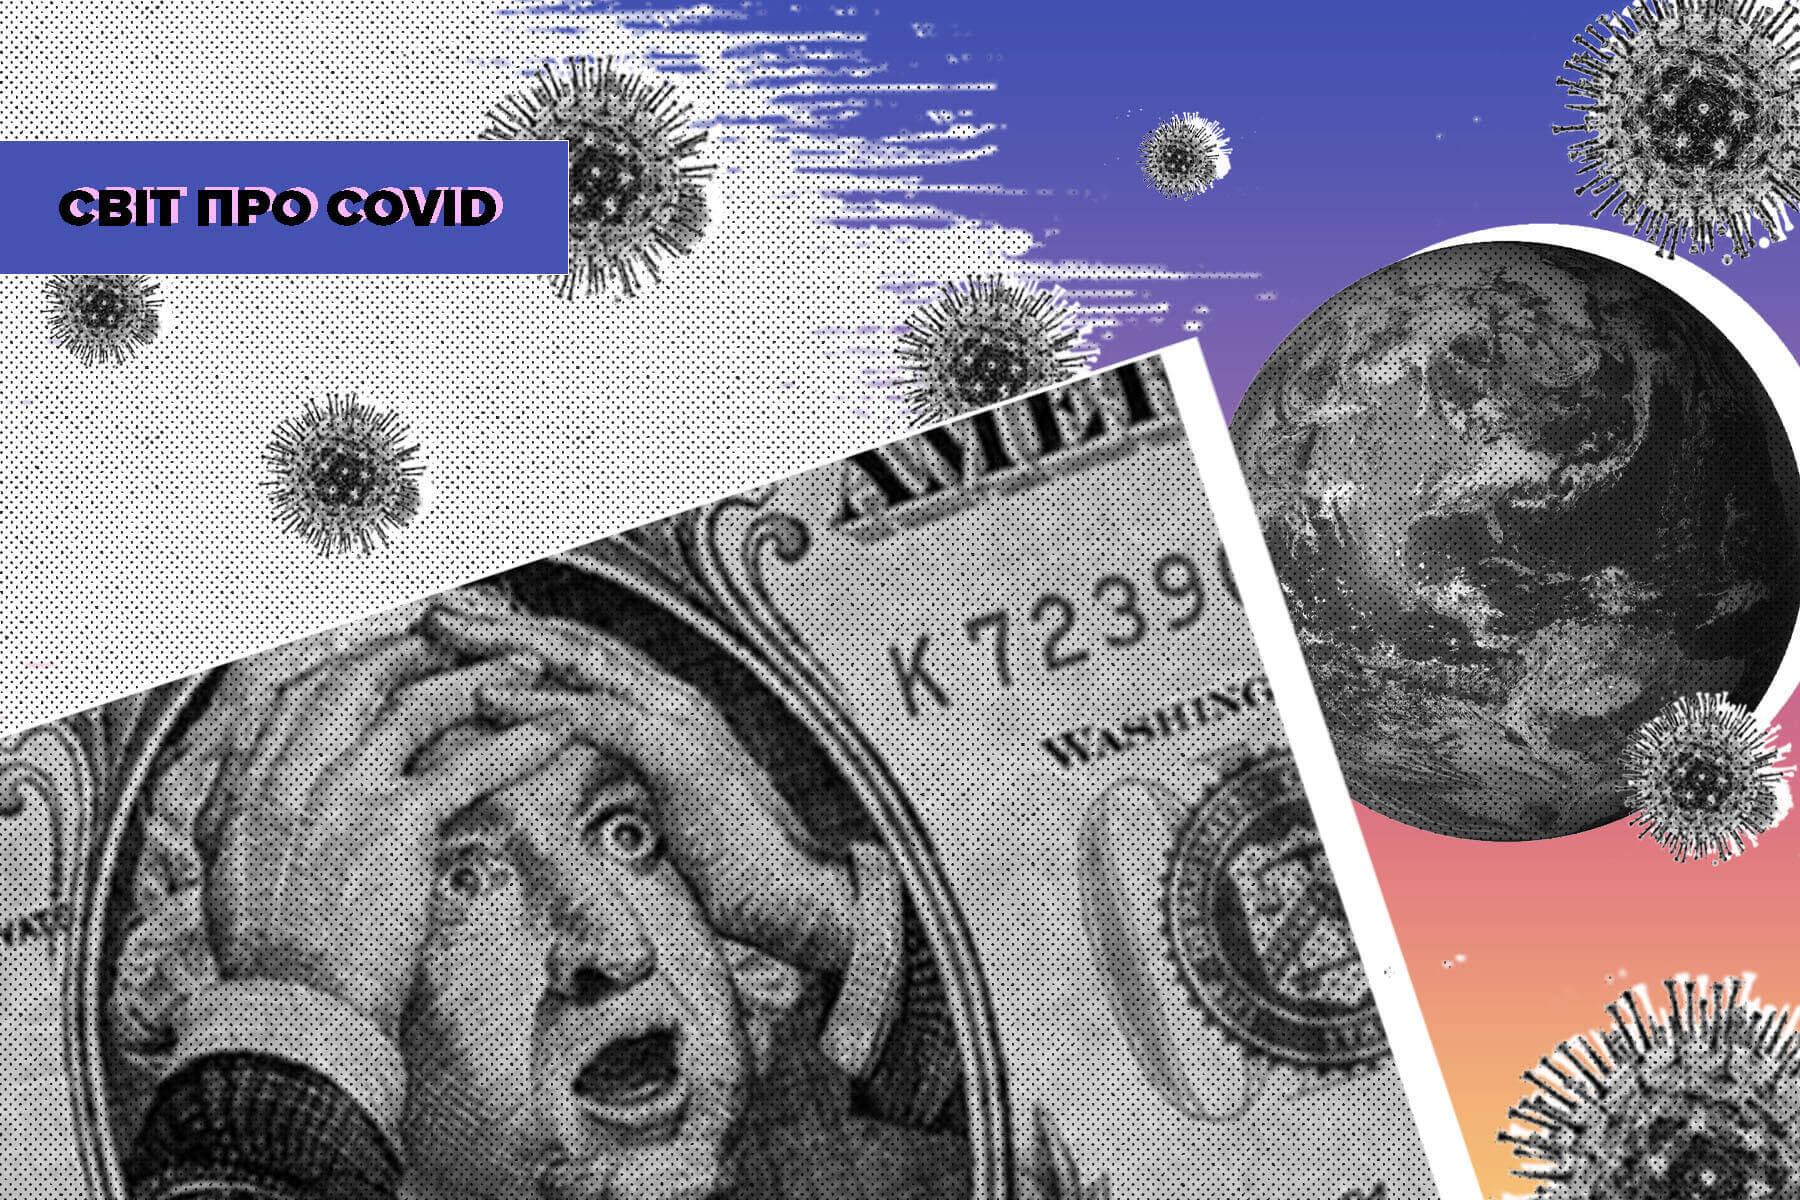 Як оцінити наслідки коронавірусної рецесії